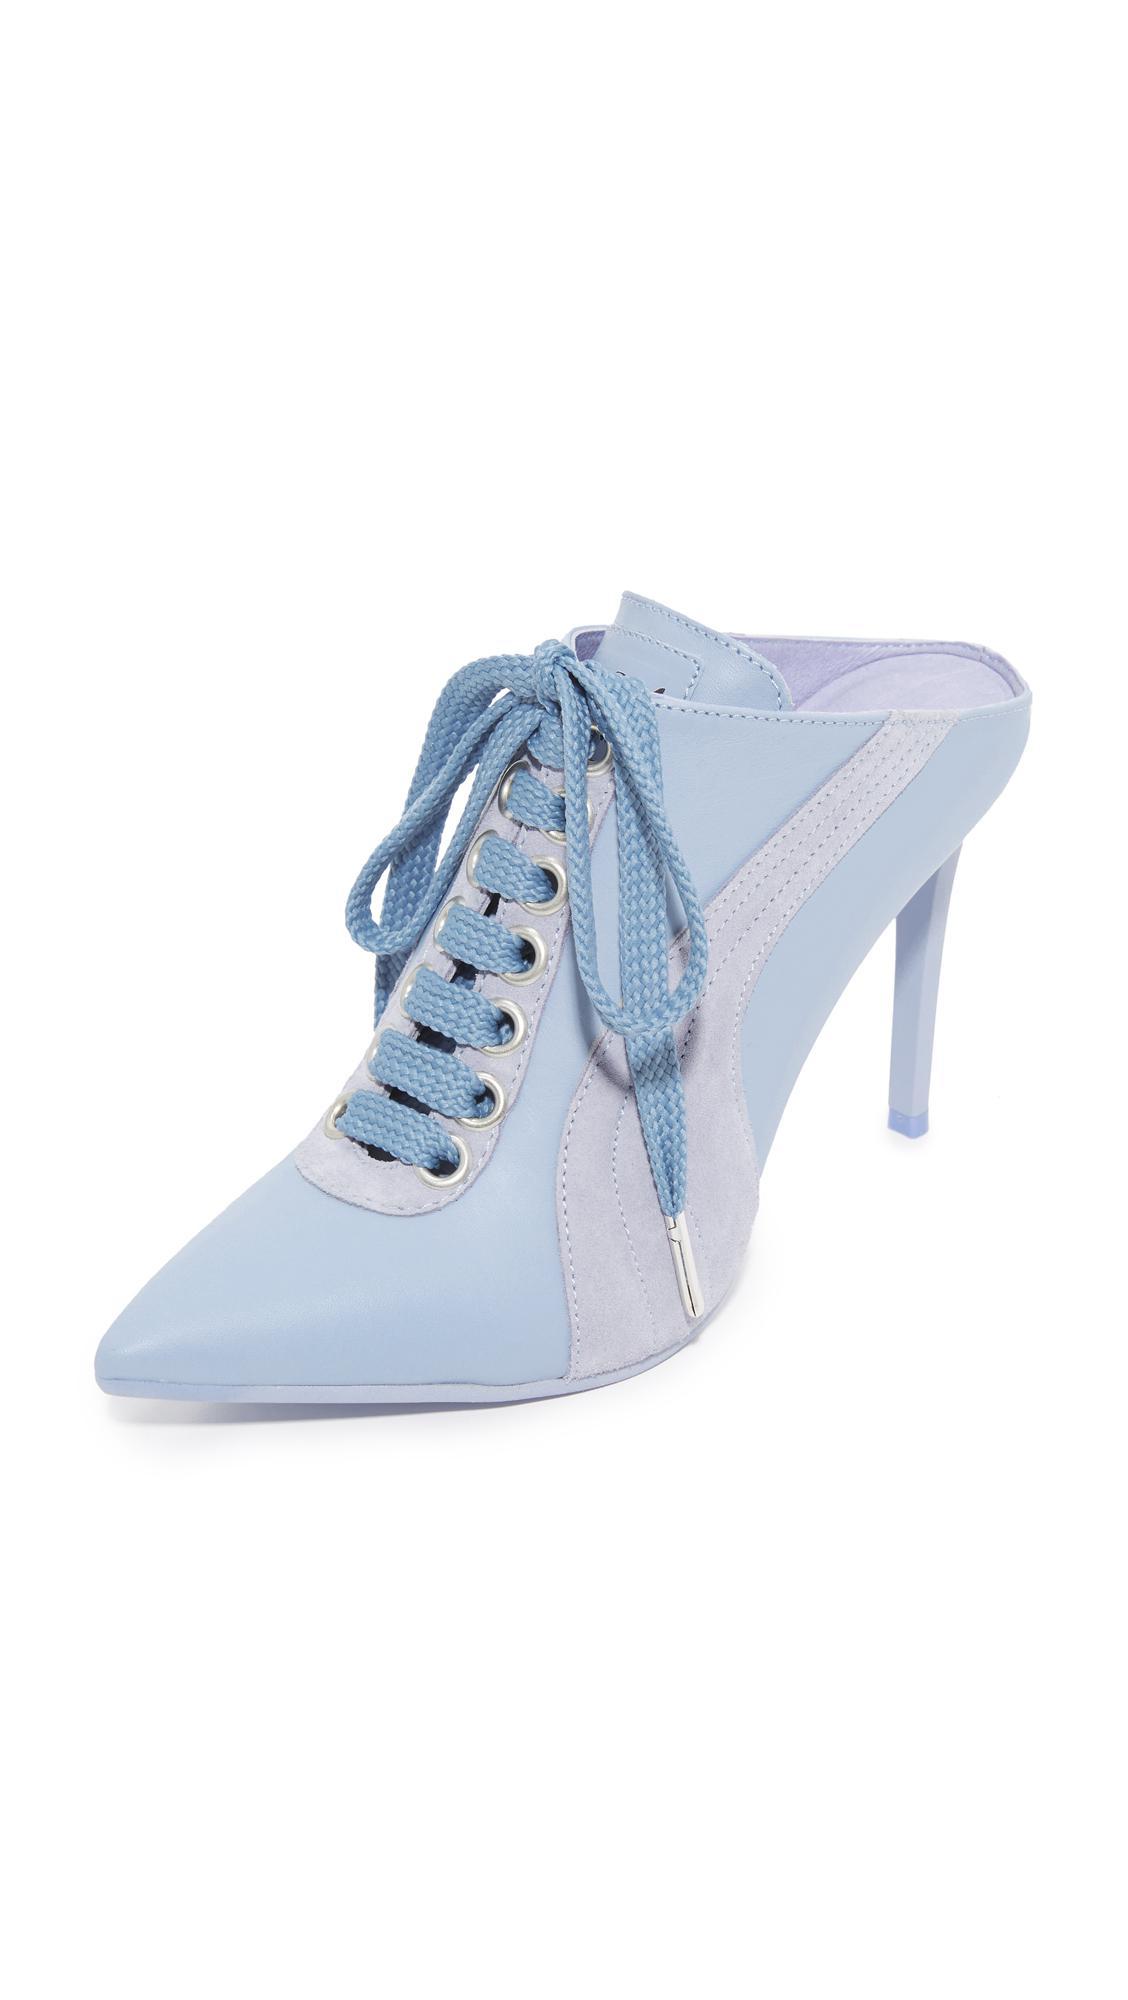 1ae1fa412f6 Lyst - PUMA Fenty X Mule Heels in Blue